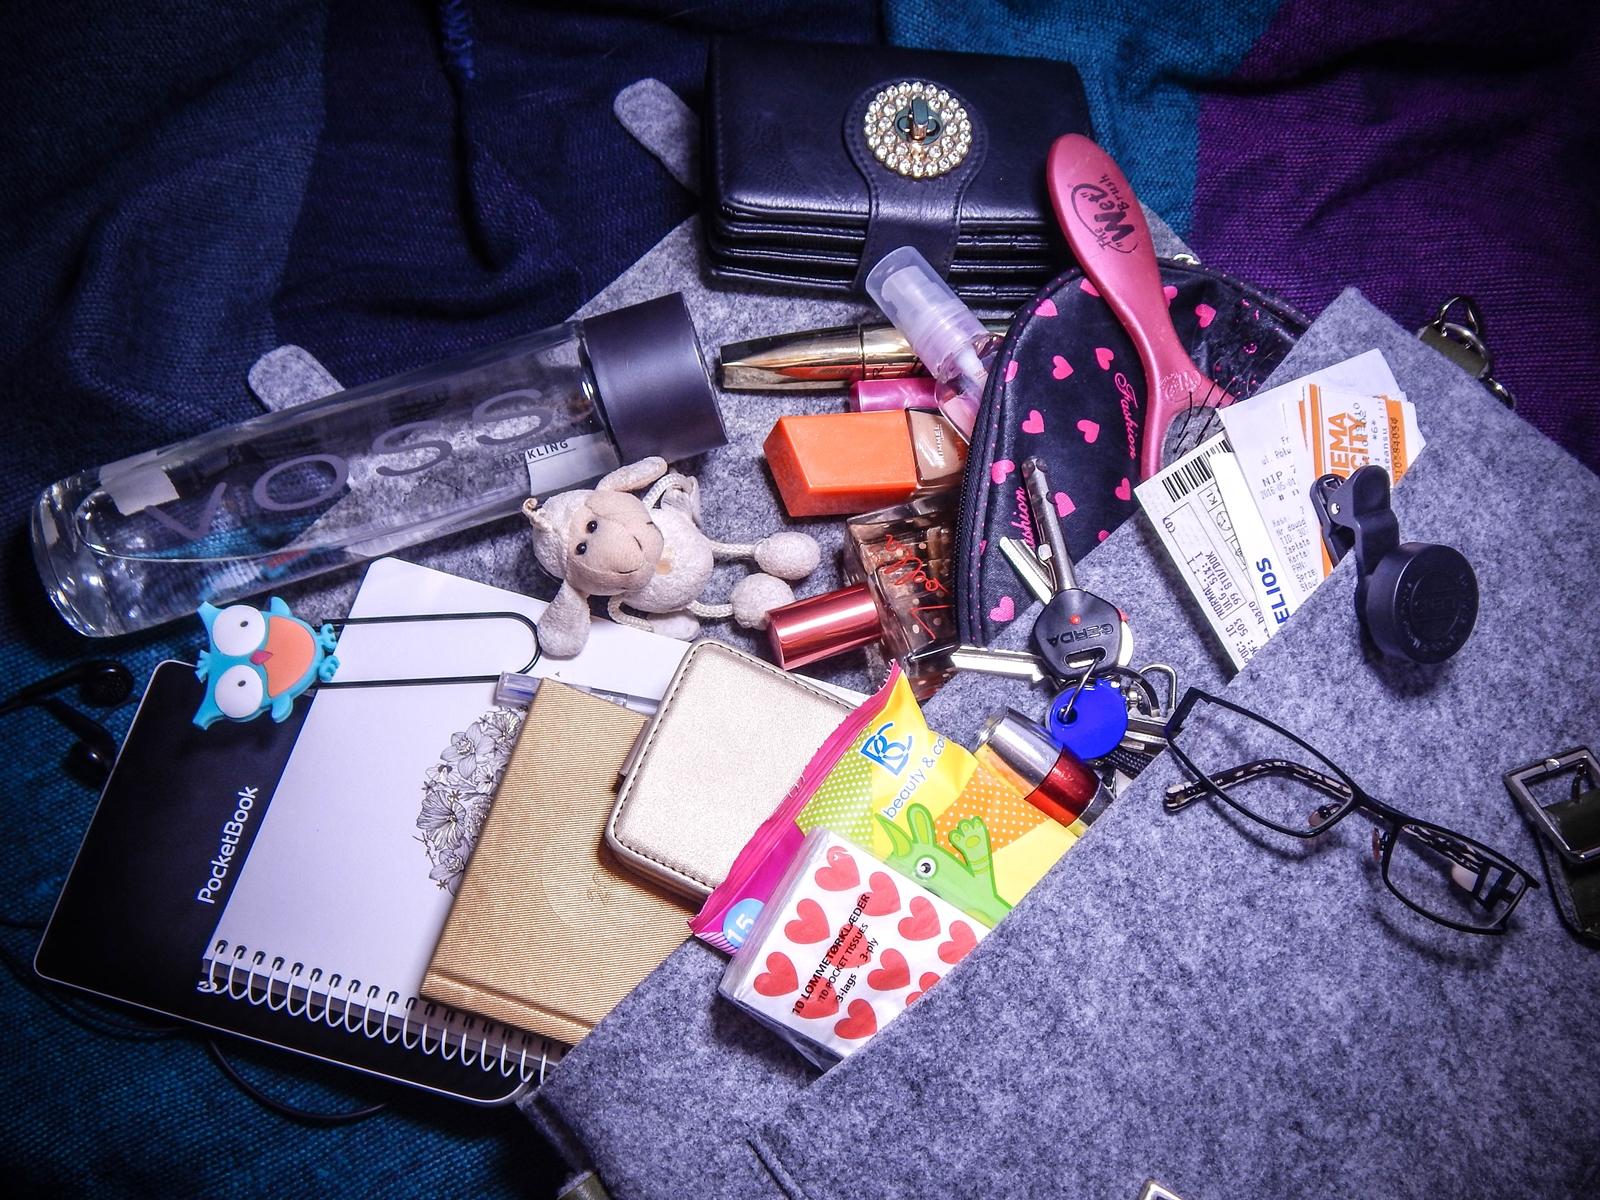 a szara filcowa listonoszka manzana co jest w mojej torebce liebster blog award melodylaniella jesienne torebki